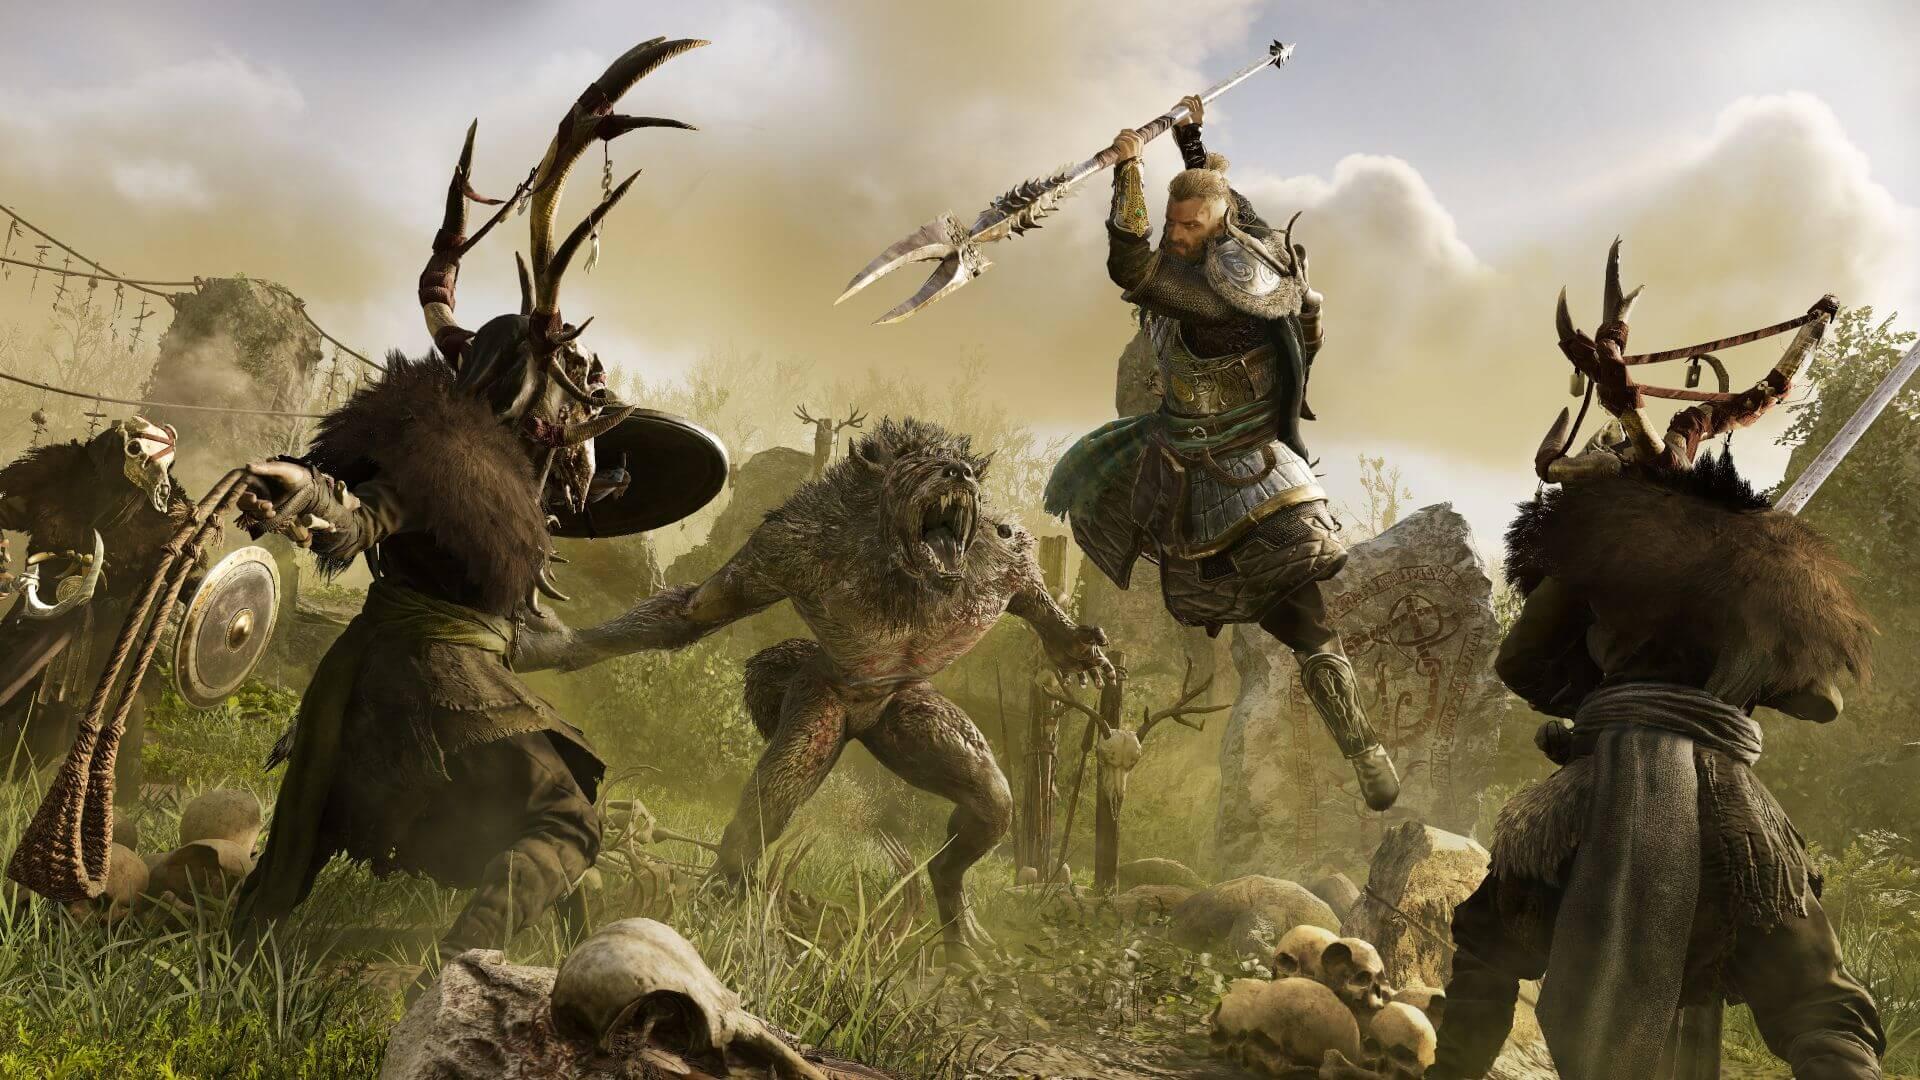 Assassin's Creed Infinity, kendi markasının kökenlerine bağlı kalacak